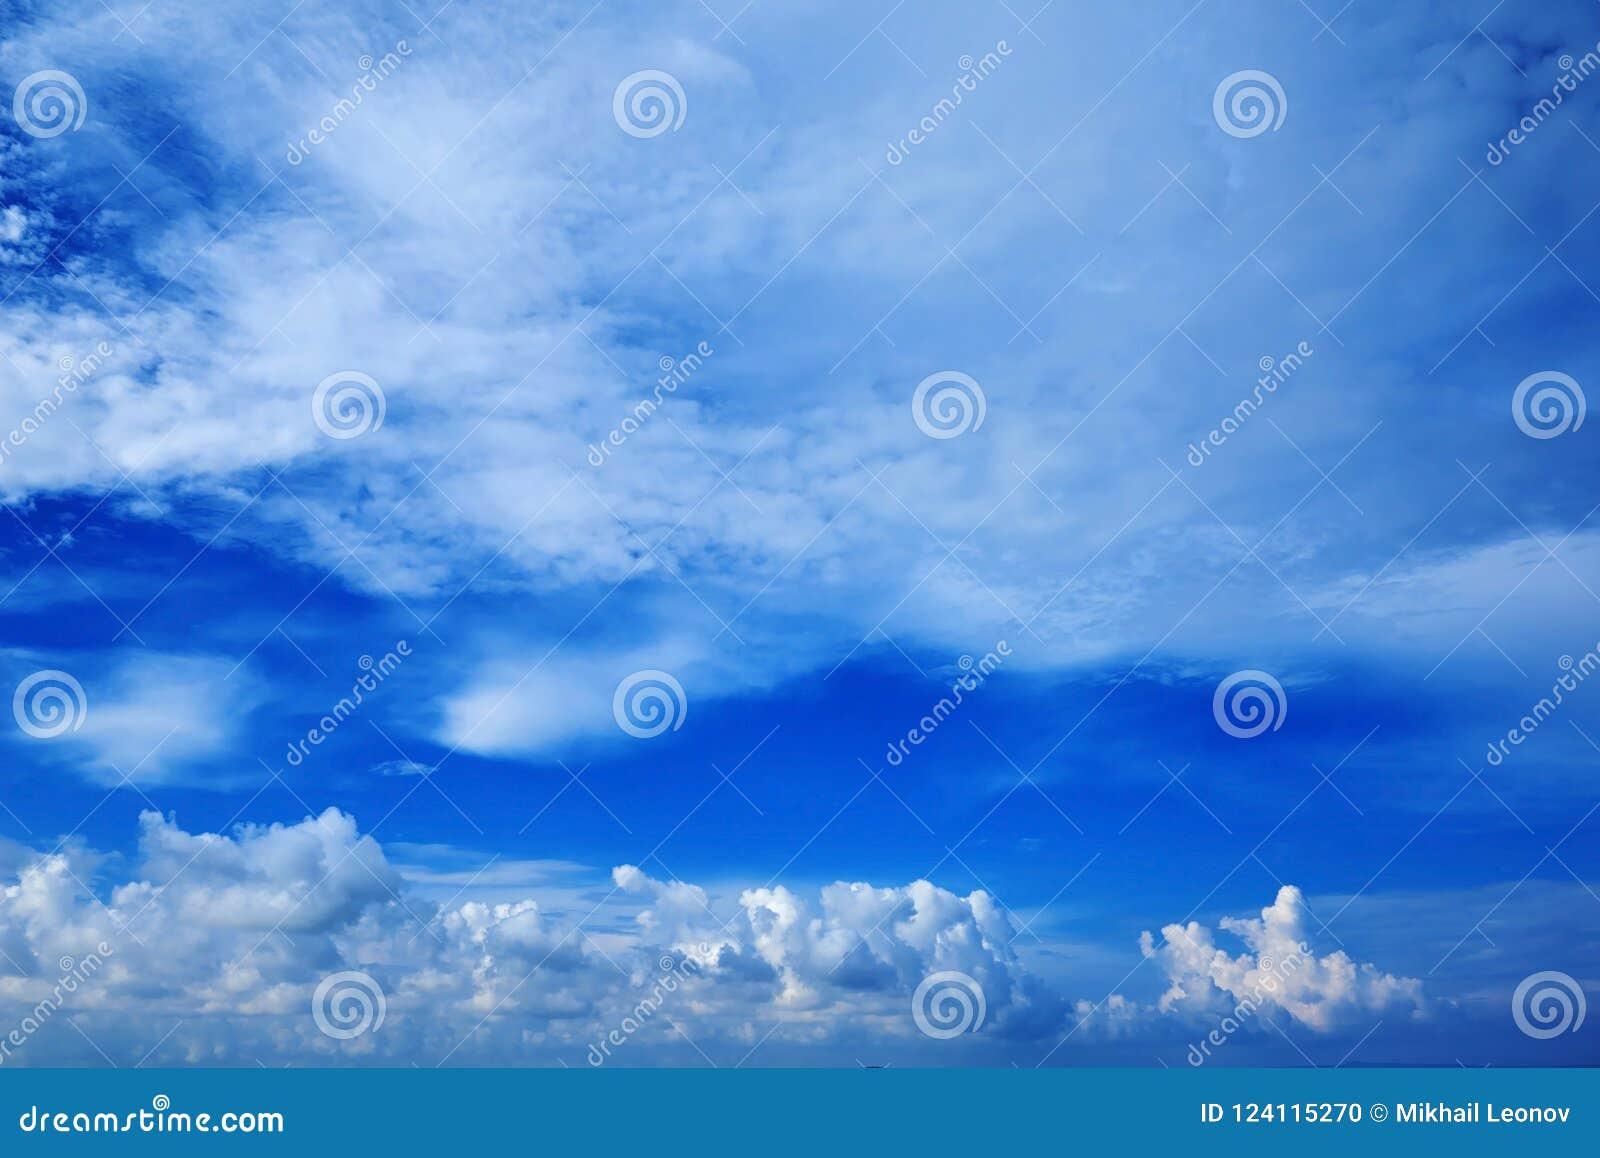 Ampia Vista Di Prospettiva Del Cielo Di Blu Navy Romantico Con Le